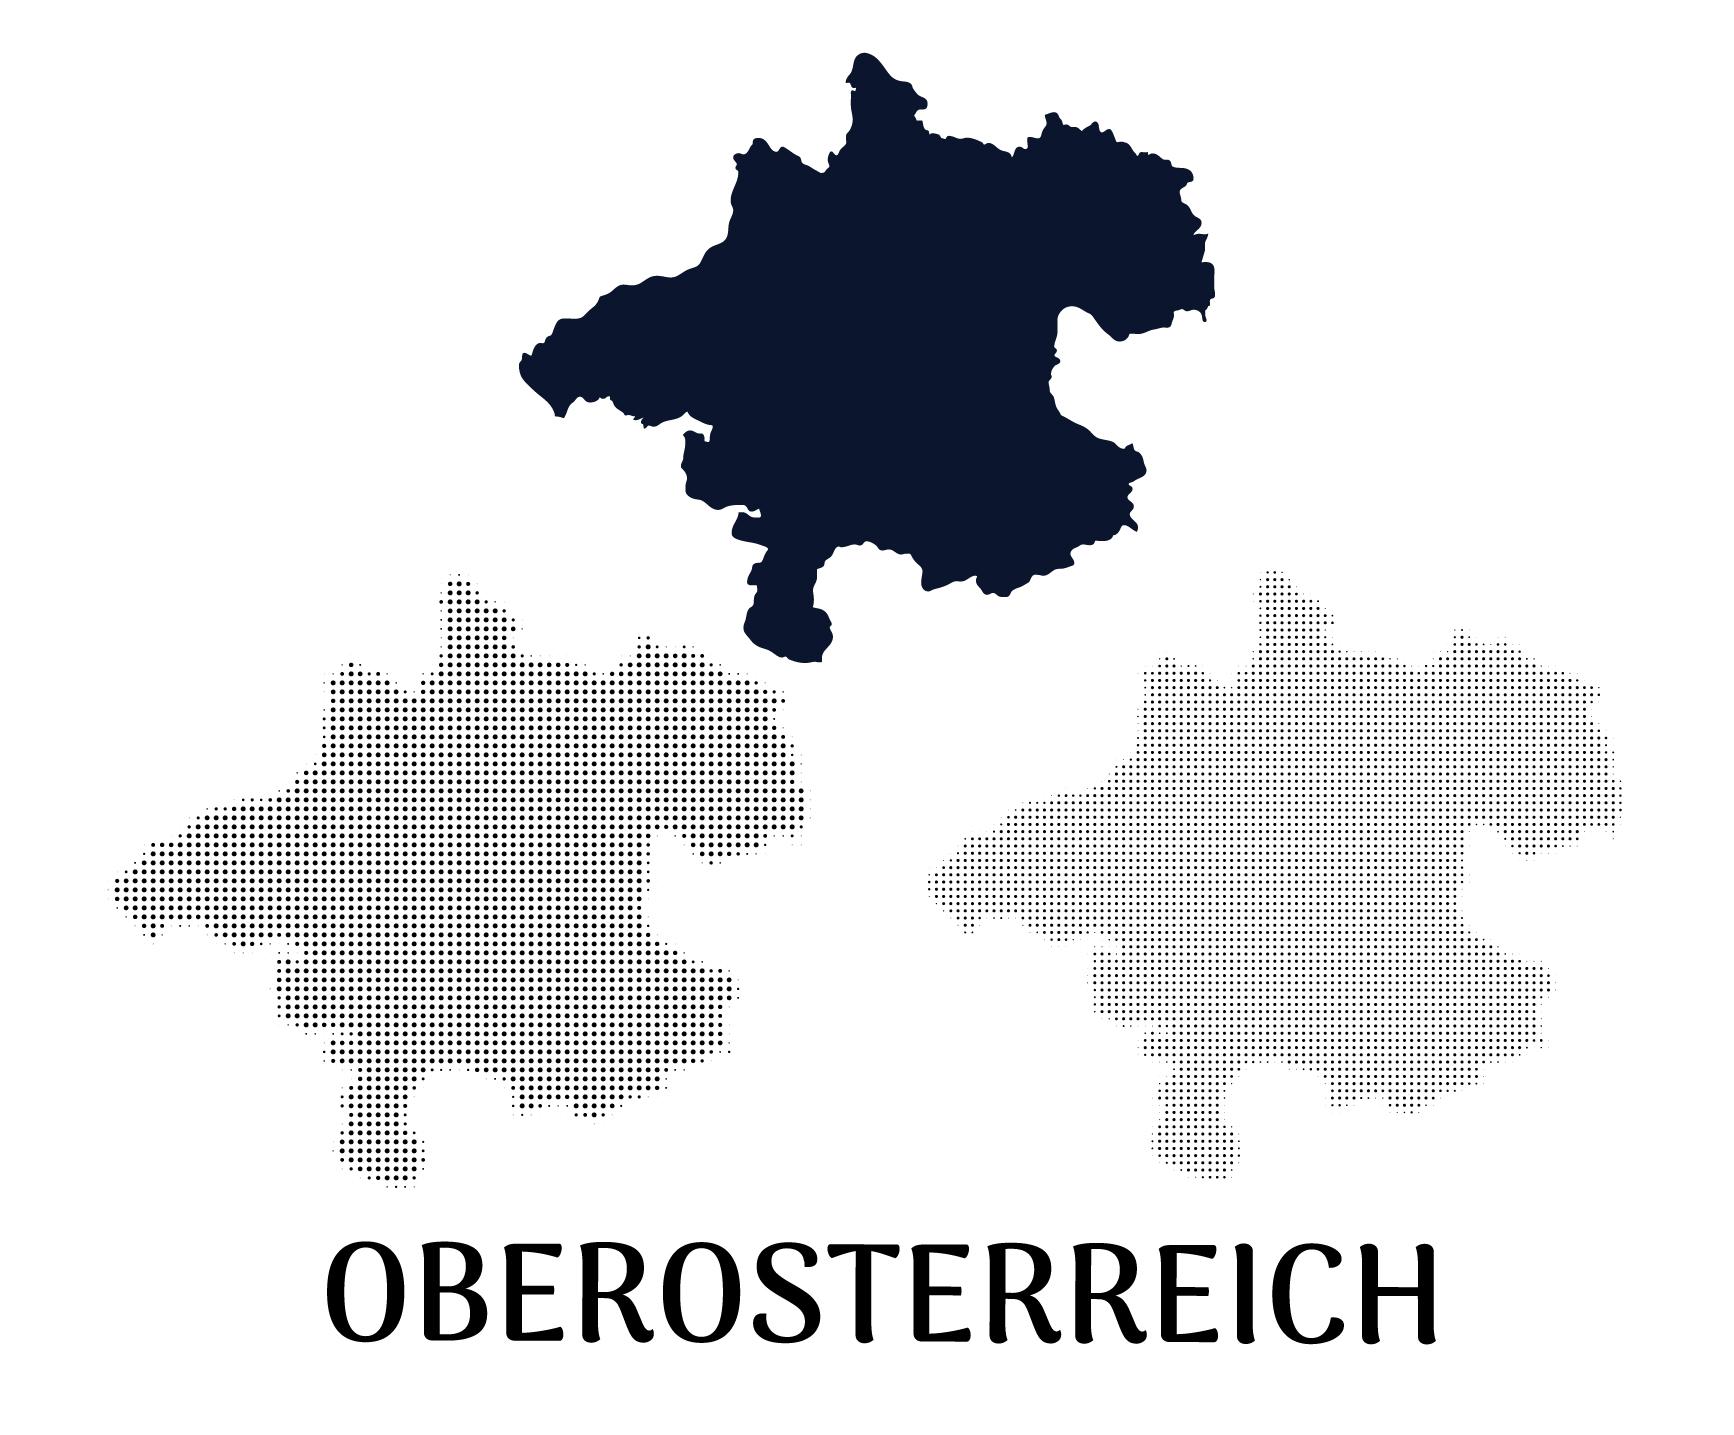 Oberosterreich